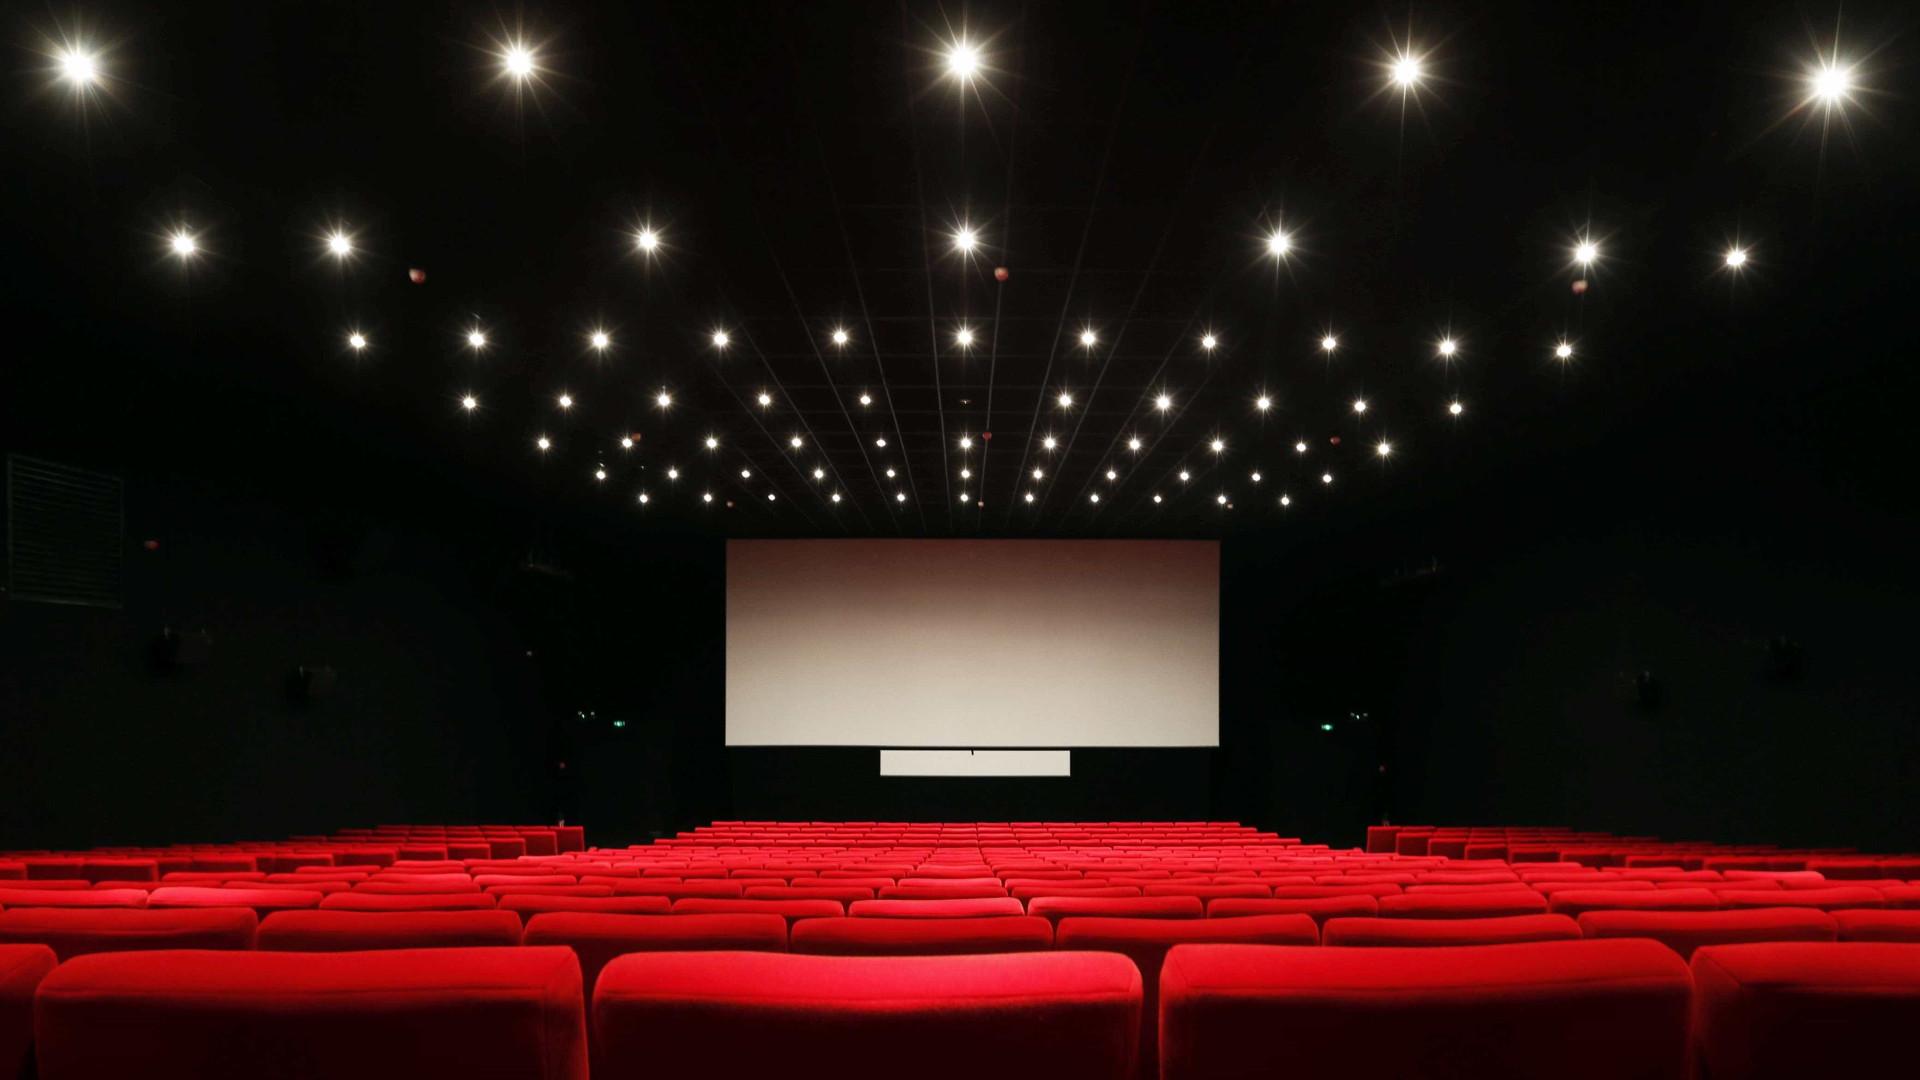 Resultado de imagem para sala de cinema vazia